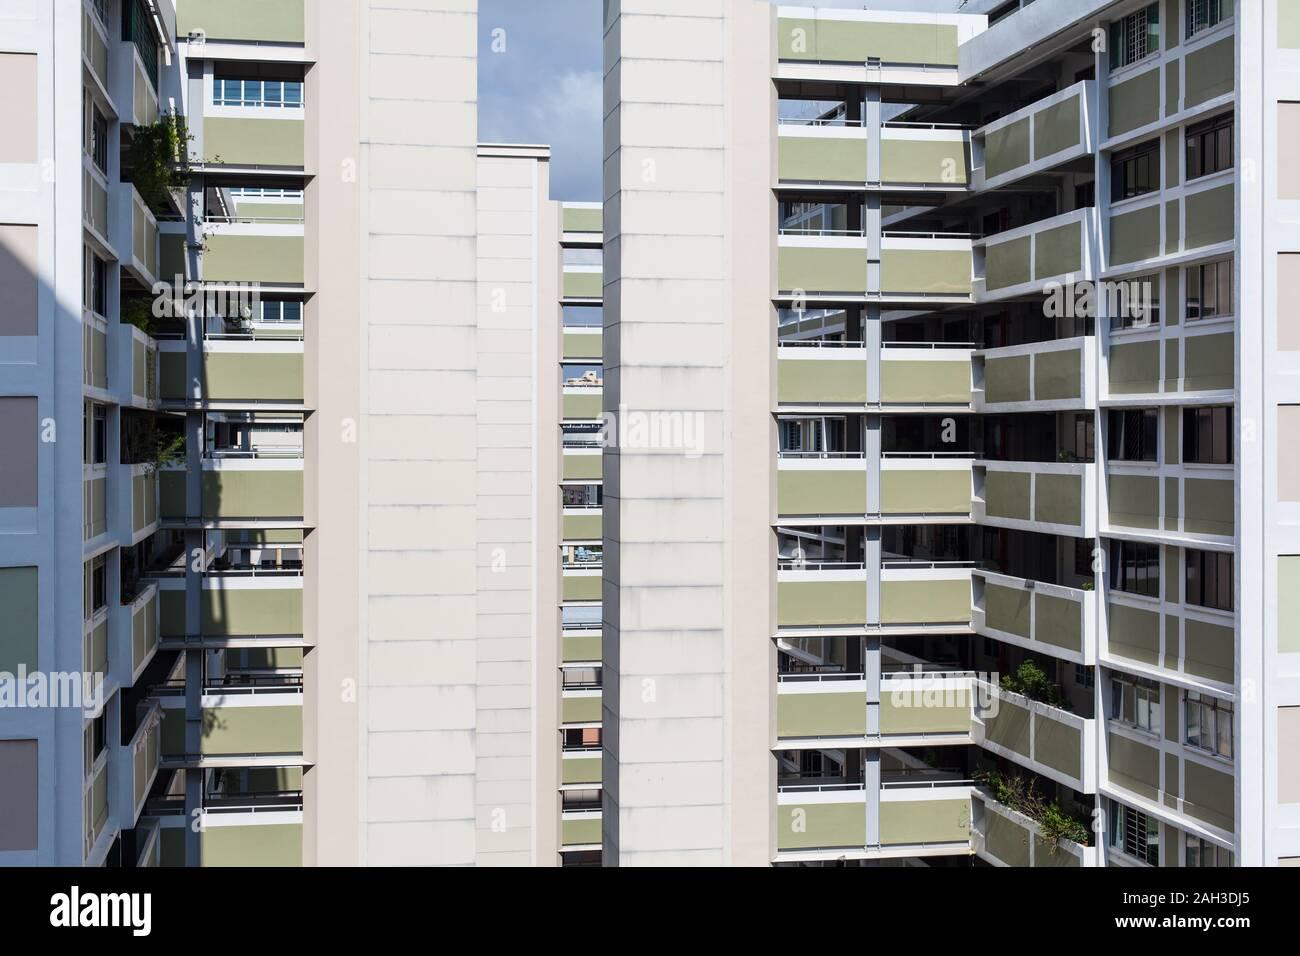 L'architecture des blocs fonction HDB à Chinatown, Singapour Banque D'Images